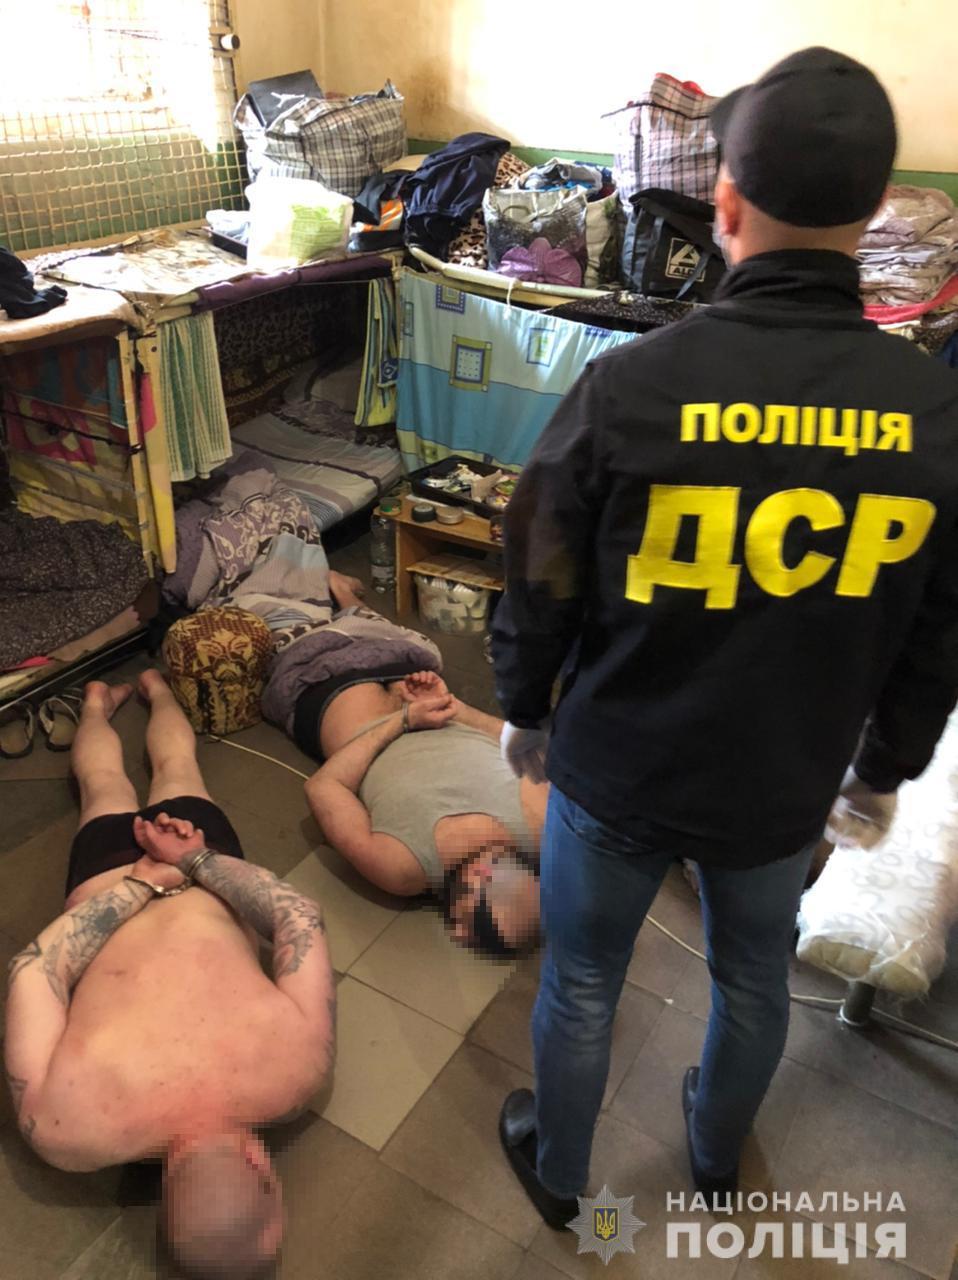 Вимагали гроші і організували наркотрафік: поліція викрила двох «смотрящих» франківського СІЗО (ФОТО)